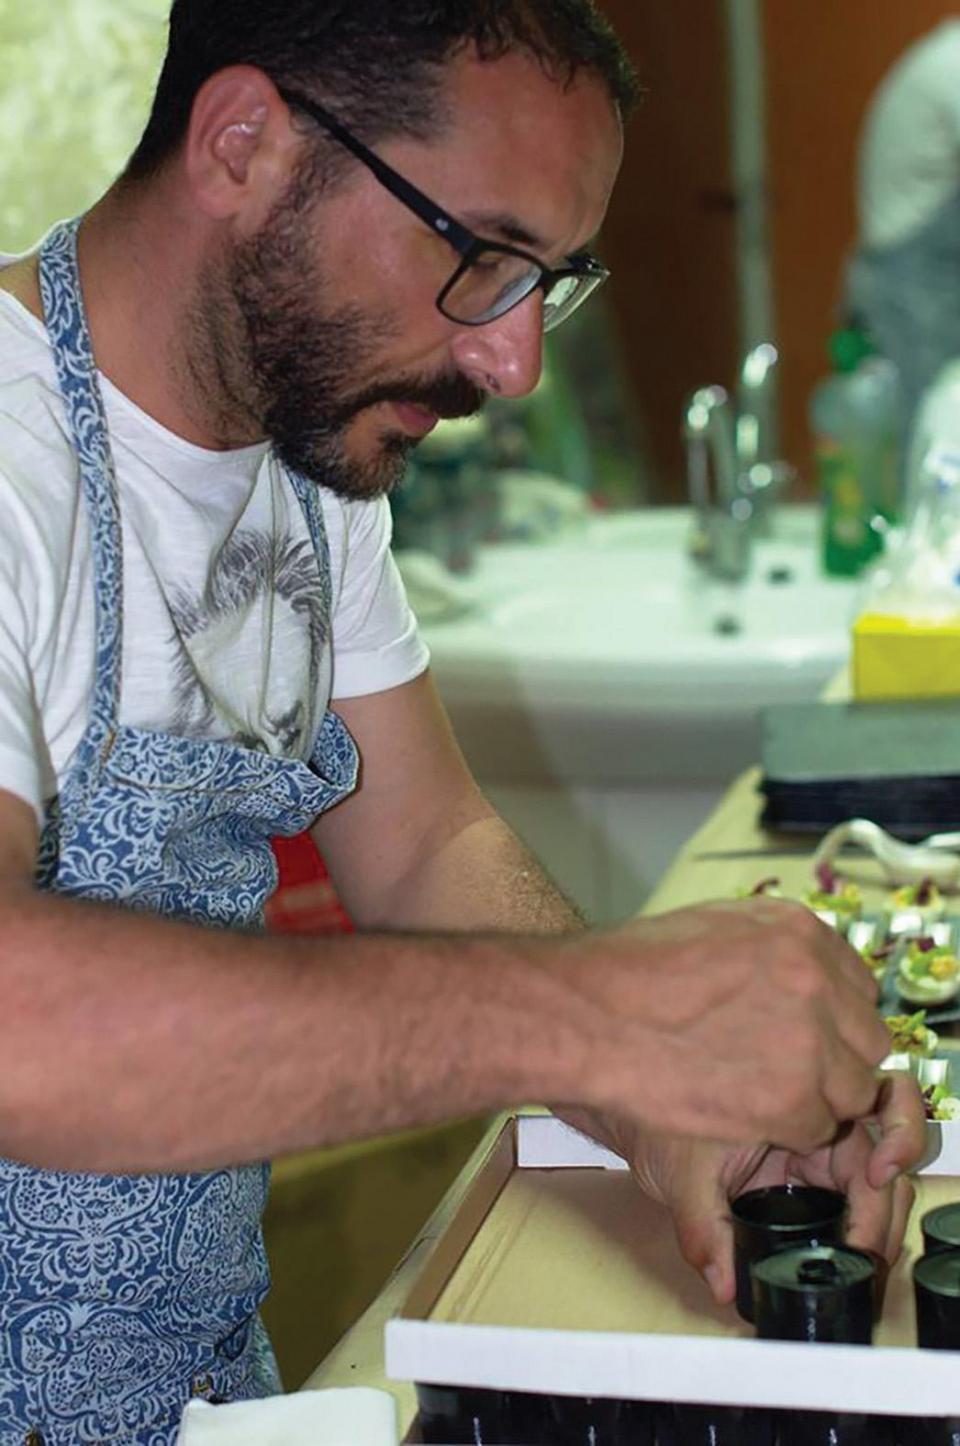 Chef Karl Mallia